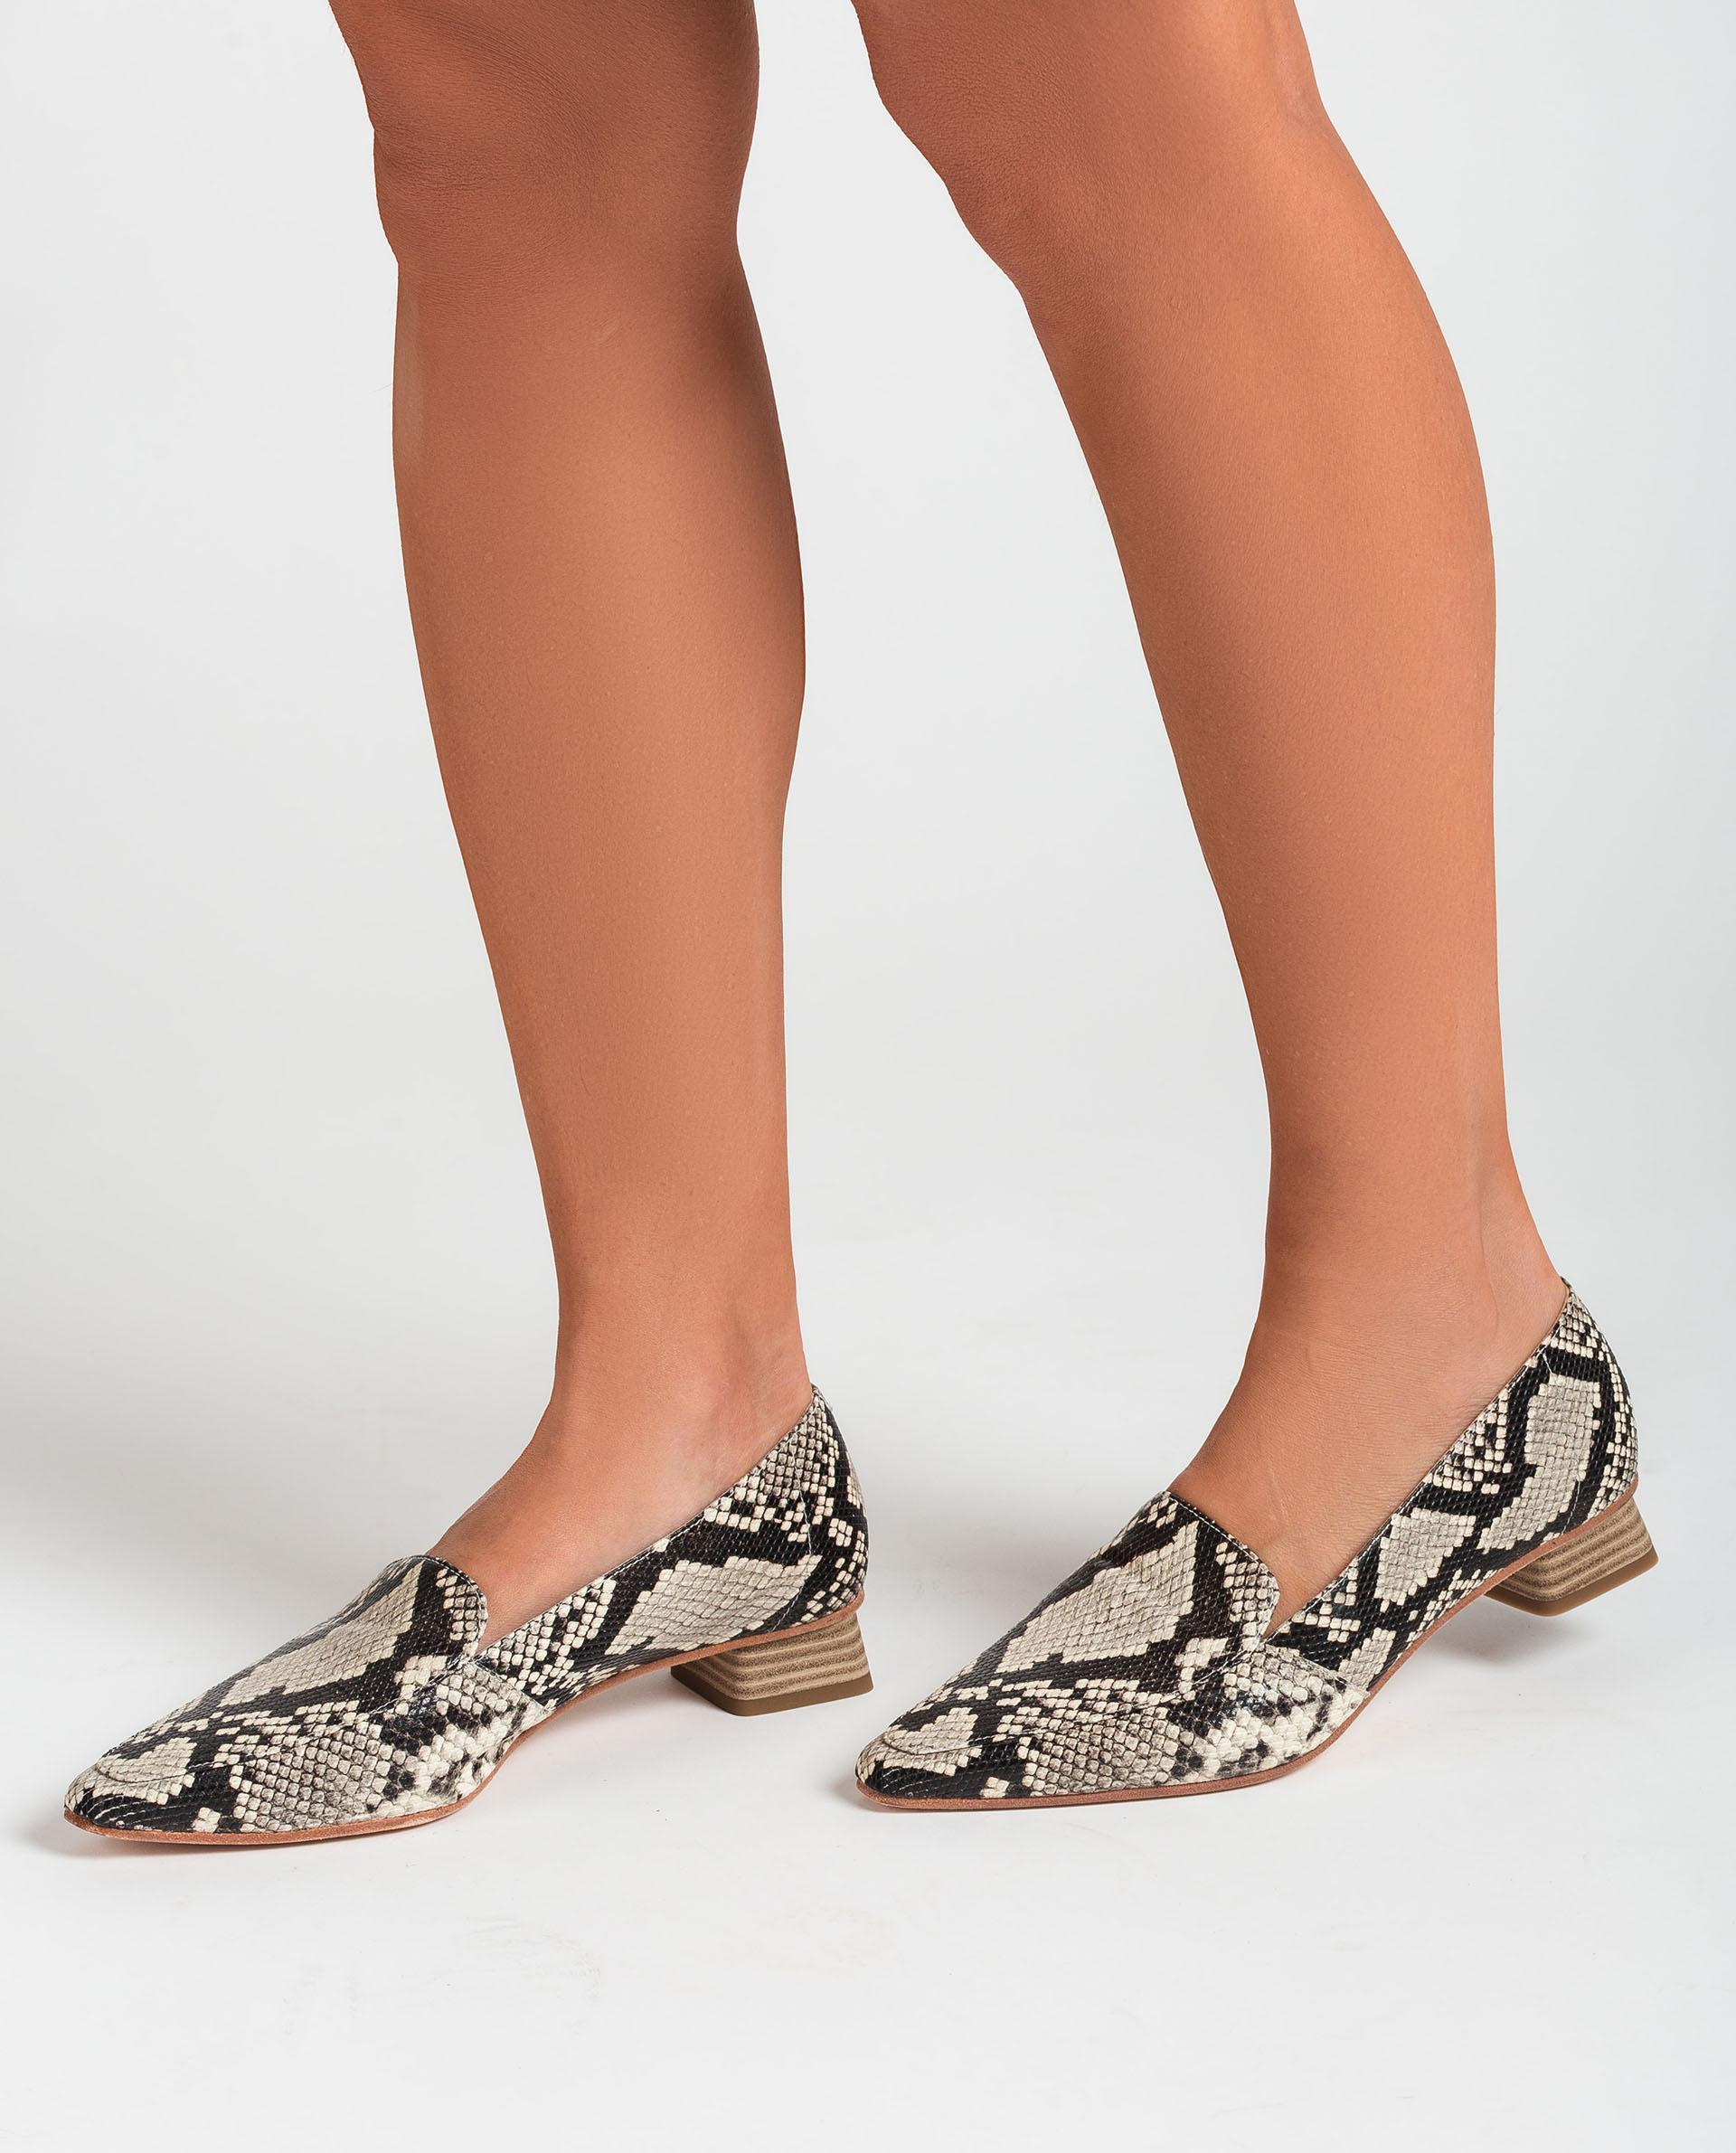 UNISA Ledermokassins aus Leder mit Snake-Print und Textilfutter GEGAL_VIP 5